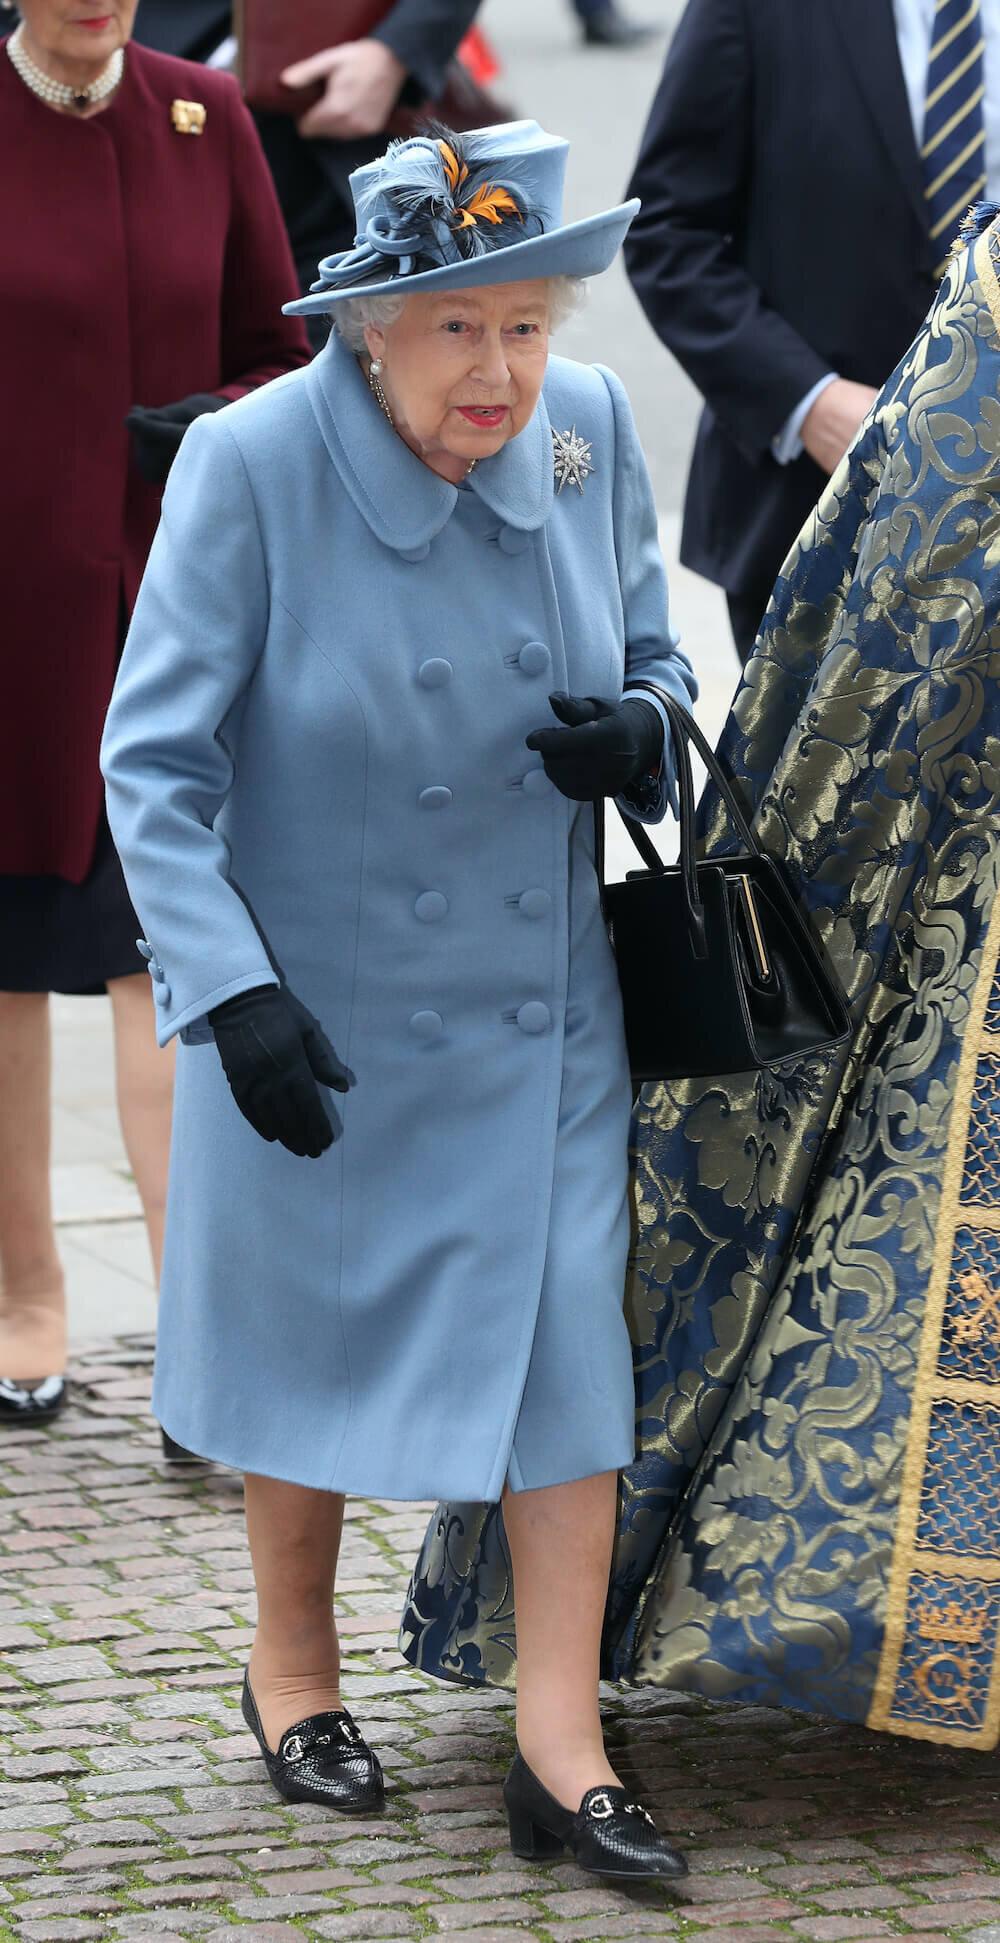 Queen Elizabeth wirkte etwas wackelig auf den Beinen.  © picture alliance / empics